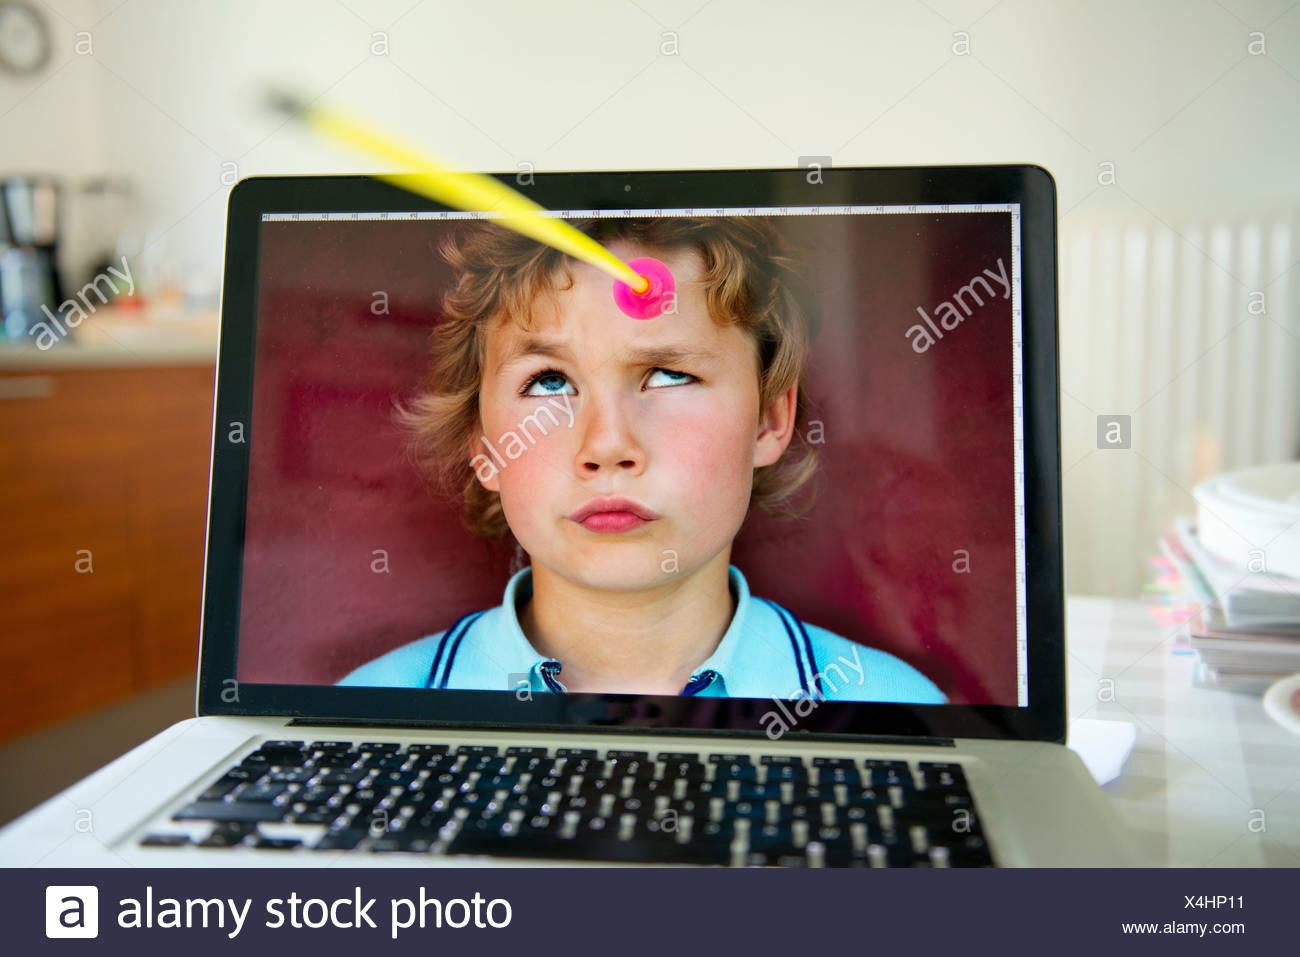 Ragazzo che guarda verso l'alto dallo schermo del computer portatile a freccia giocattolo Immagini Stock